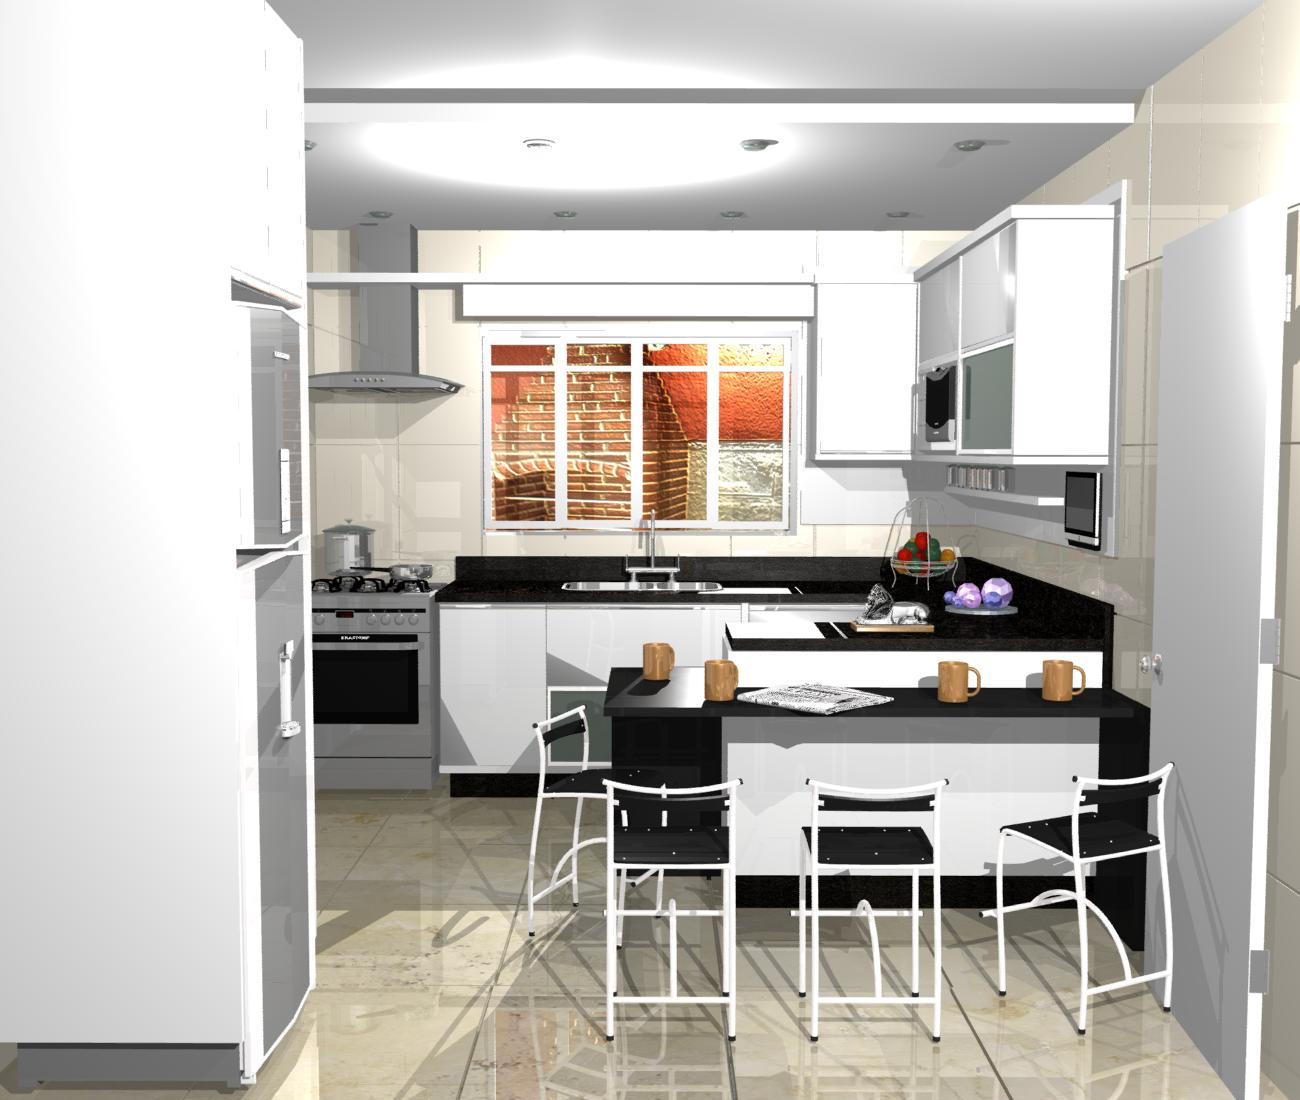 cozinhas pias para cozinhas revestimento para cozinhas cozinhas #A74124 1300 1100